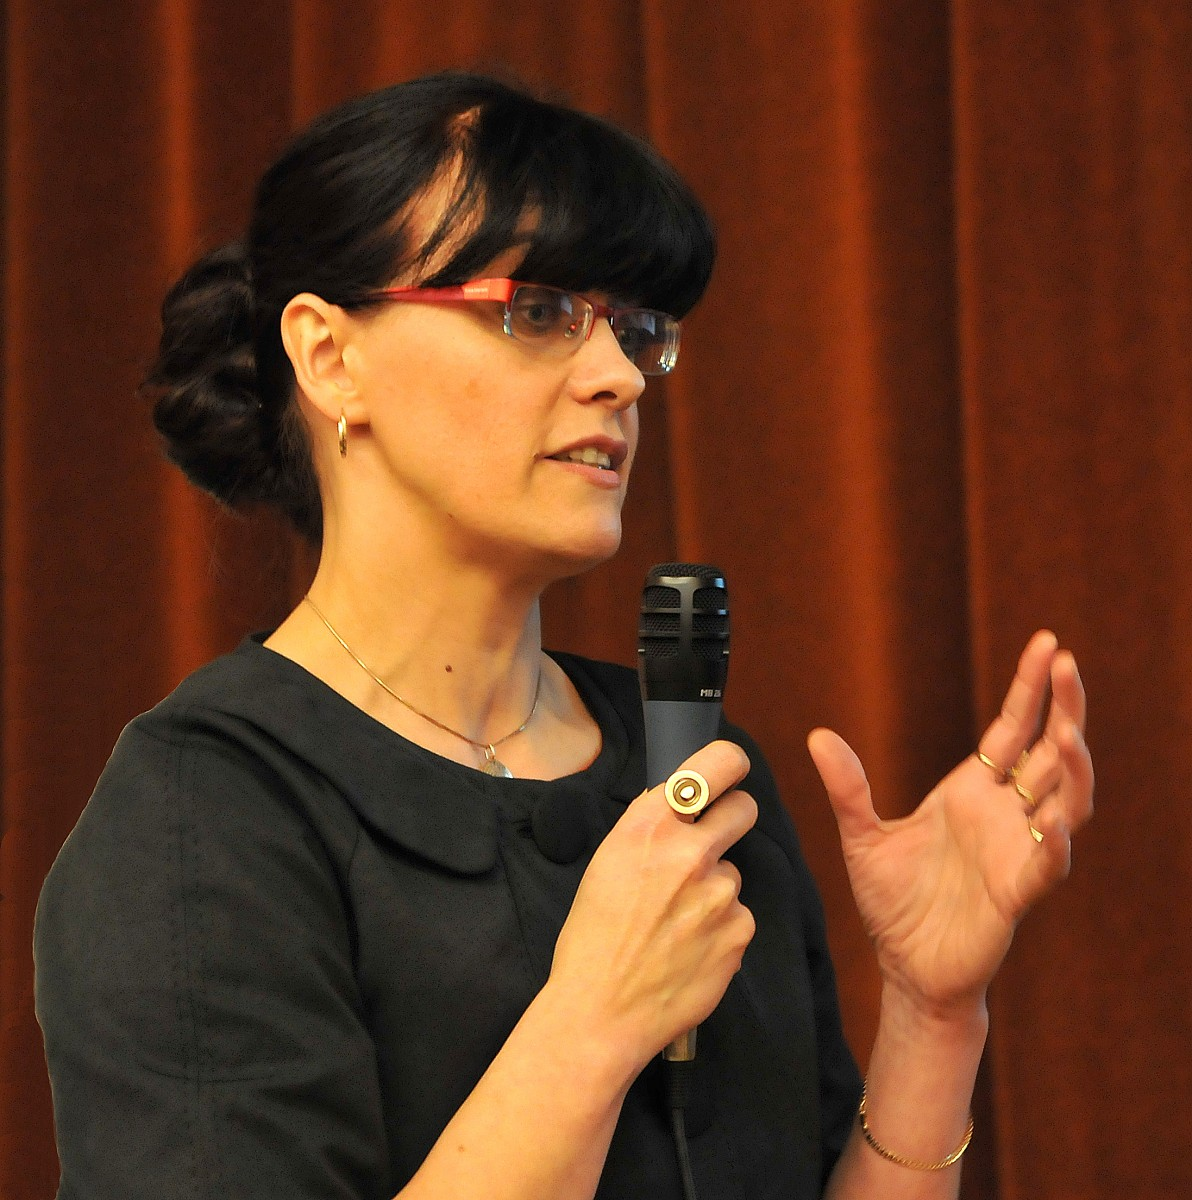 Grobiņas novada dome apstiprinājusi triju vispārējās izglītības iestāžu vadītājus